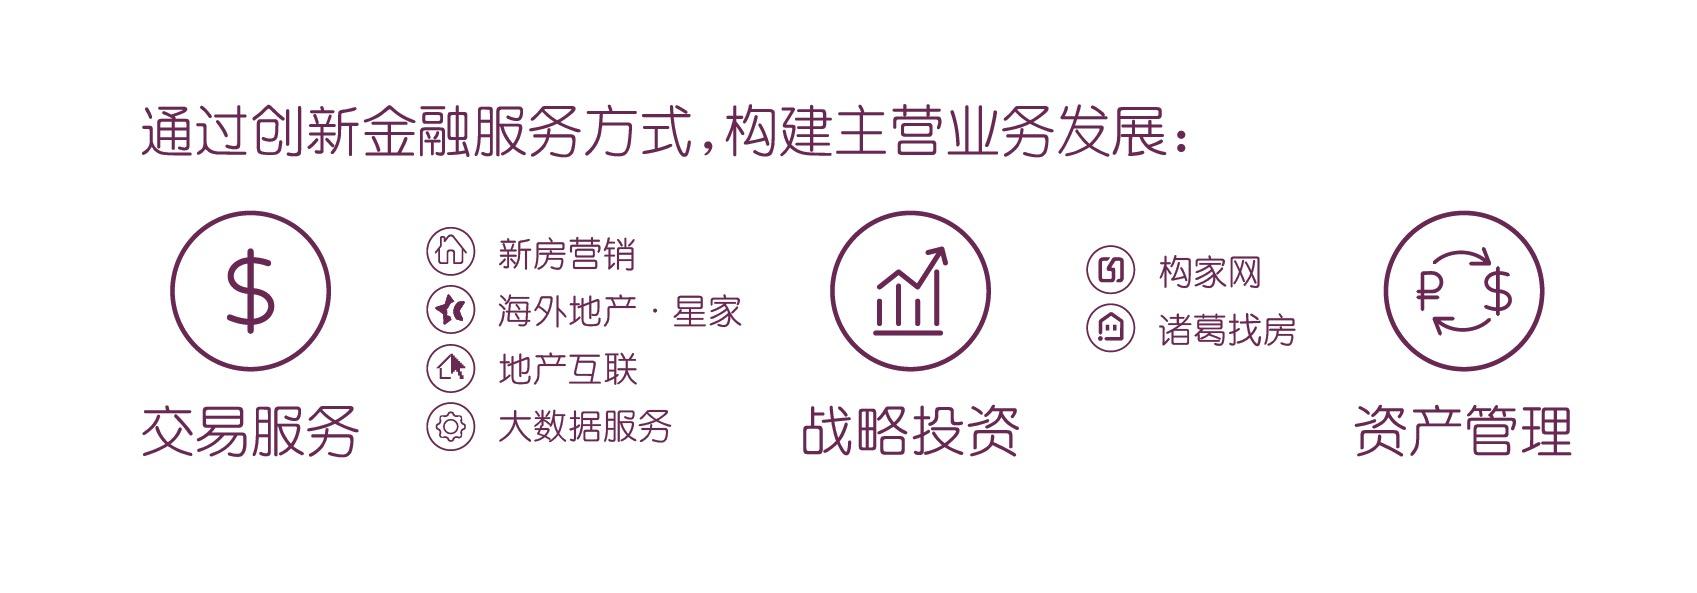 策源股份业务板块